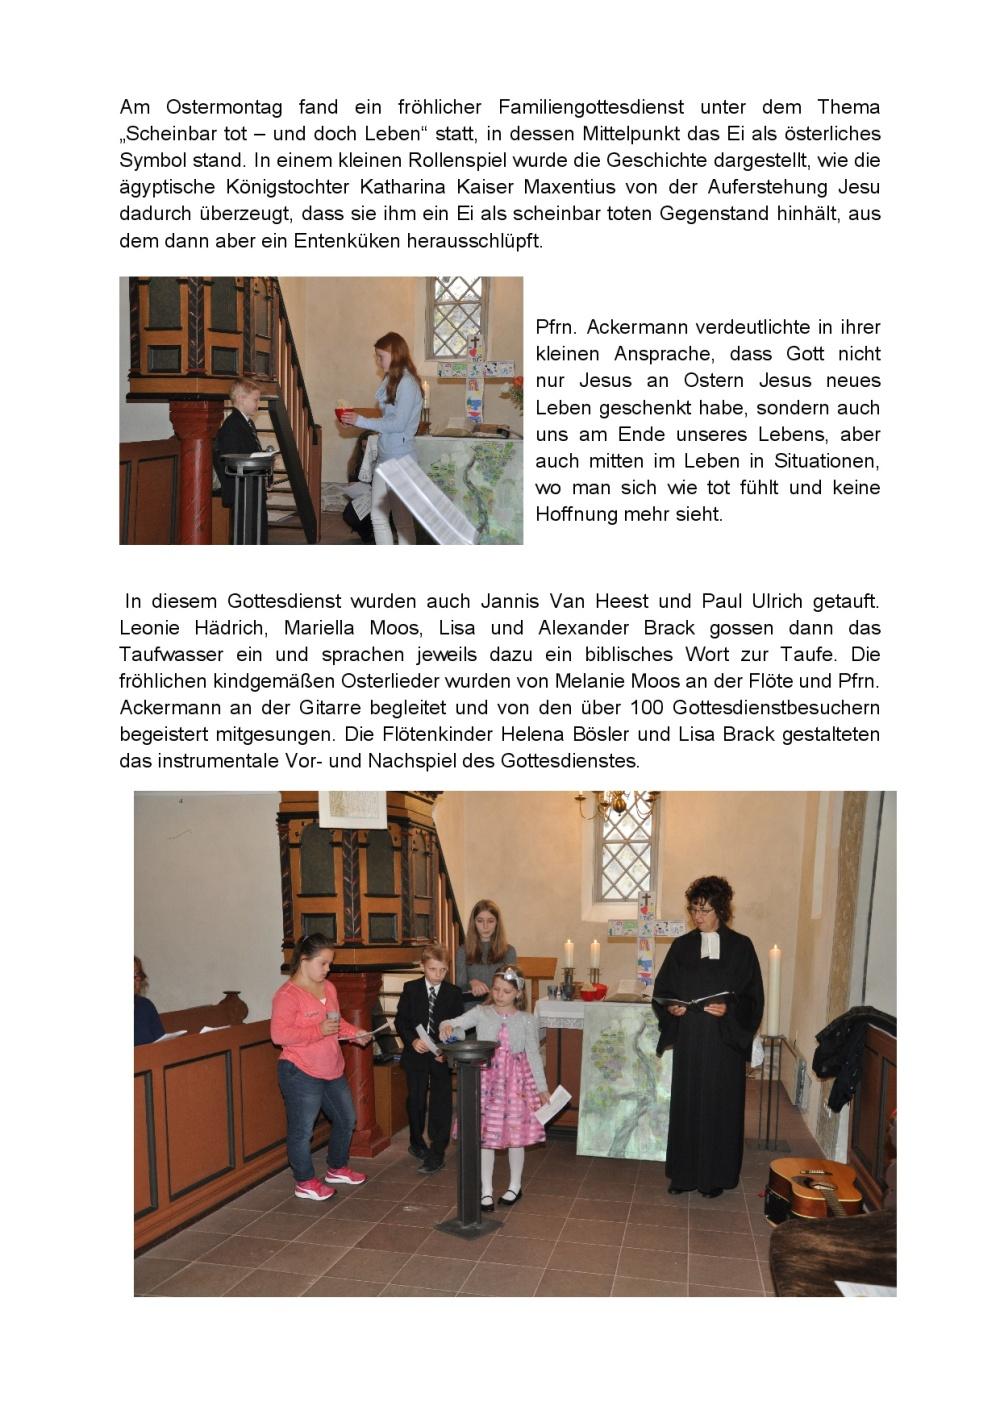 2017-04-13 Vielfältige Ostergottesdienste-003